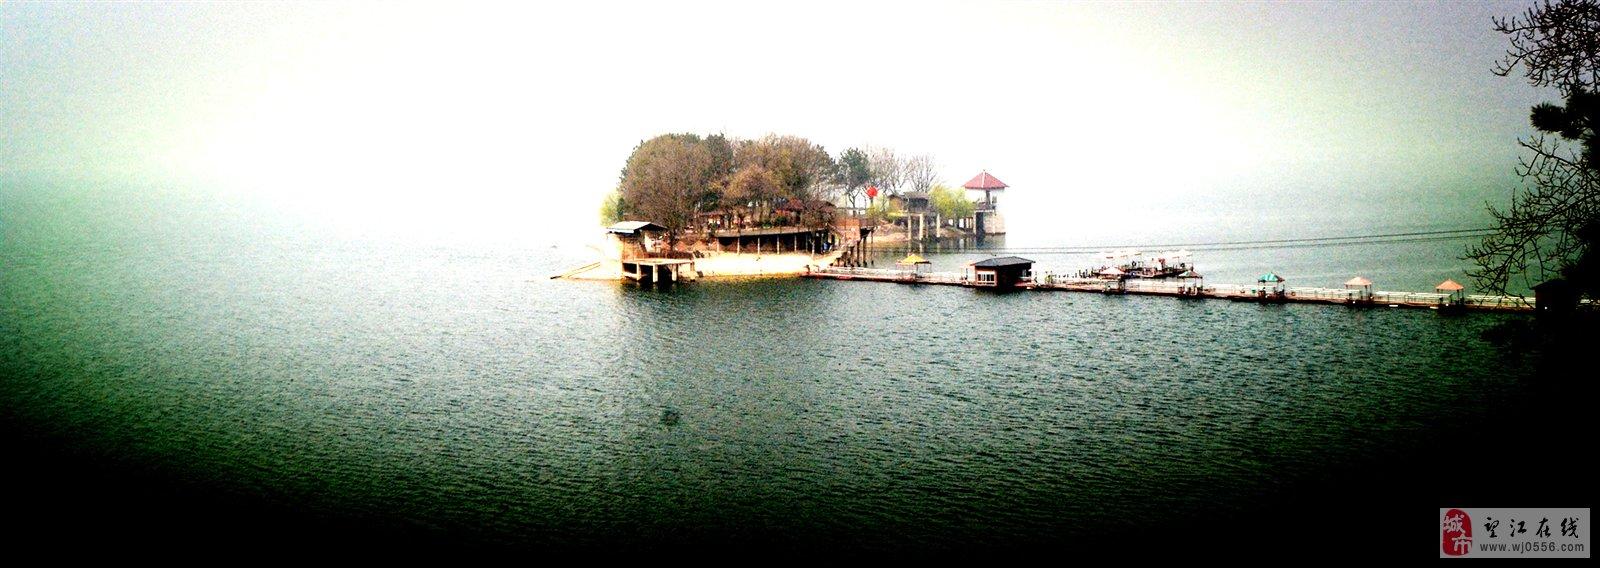 花亭湖是安徽省第二大人工湖,湖水面积78.2平方公里,周长100多公里,由44条大小河流及上百条小溪汇聚而成。形成白波浩瀚、水天一色的宽阔的湖面。湖水终年清澈碧透,湖岸蜿蜒1曲折,如曲廊回径,大小百余座山峰环湖而屹立,层峦叠嶂,林木葱茏。峰影倒映,湖水萦回,青峰状若青龙出涧,正所谓:一坝锁诸水,白浪托群峰。 汽车到达花亭湖的时候,正是9点钟左右,但见氤氲的水汽弥漫着,群山在薄雾之间若隐若现。置身在山间,仿佛在画中遨游。 第一站:西风禅寺